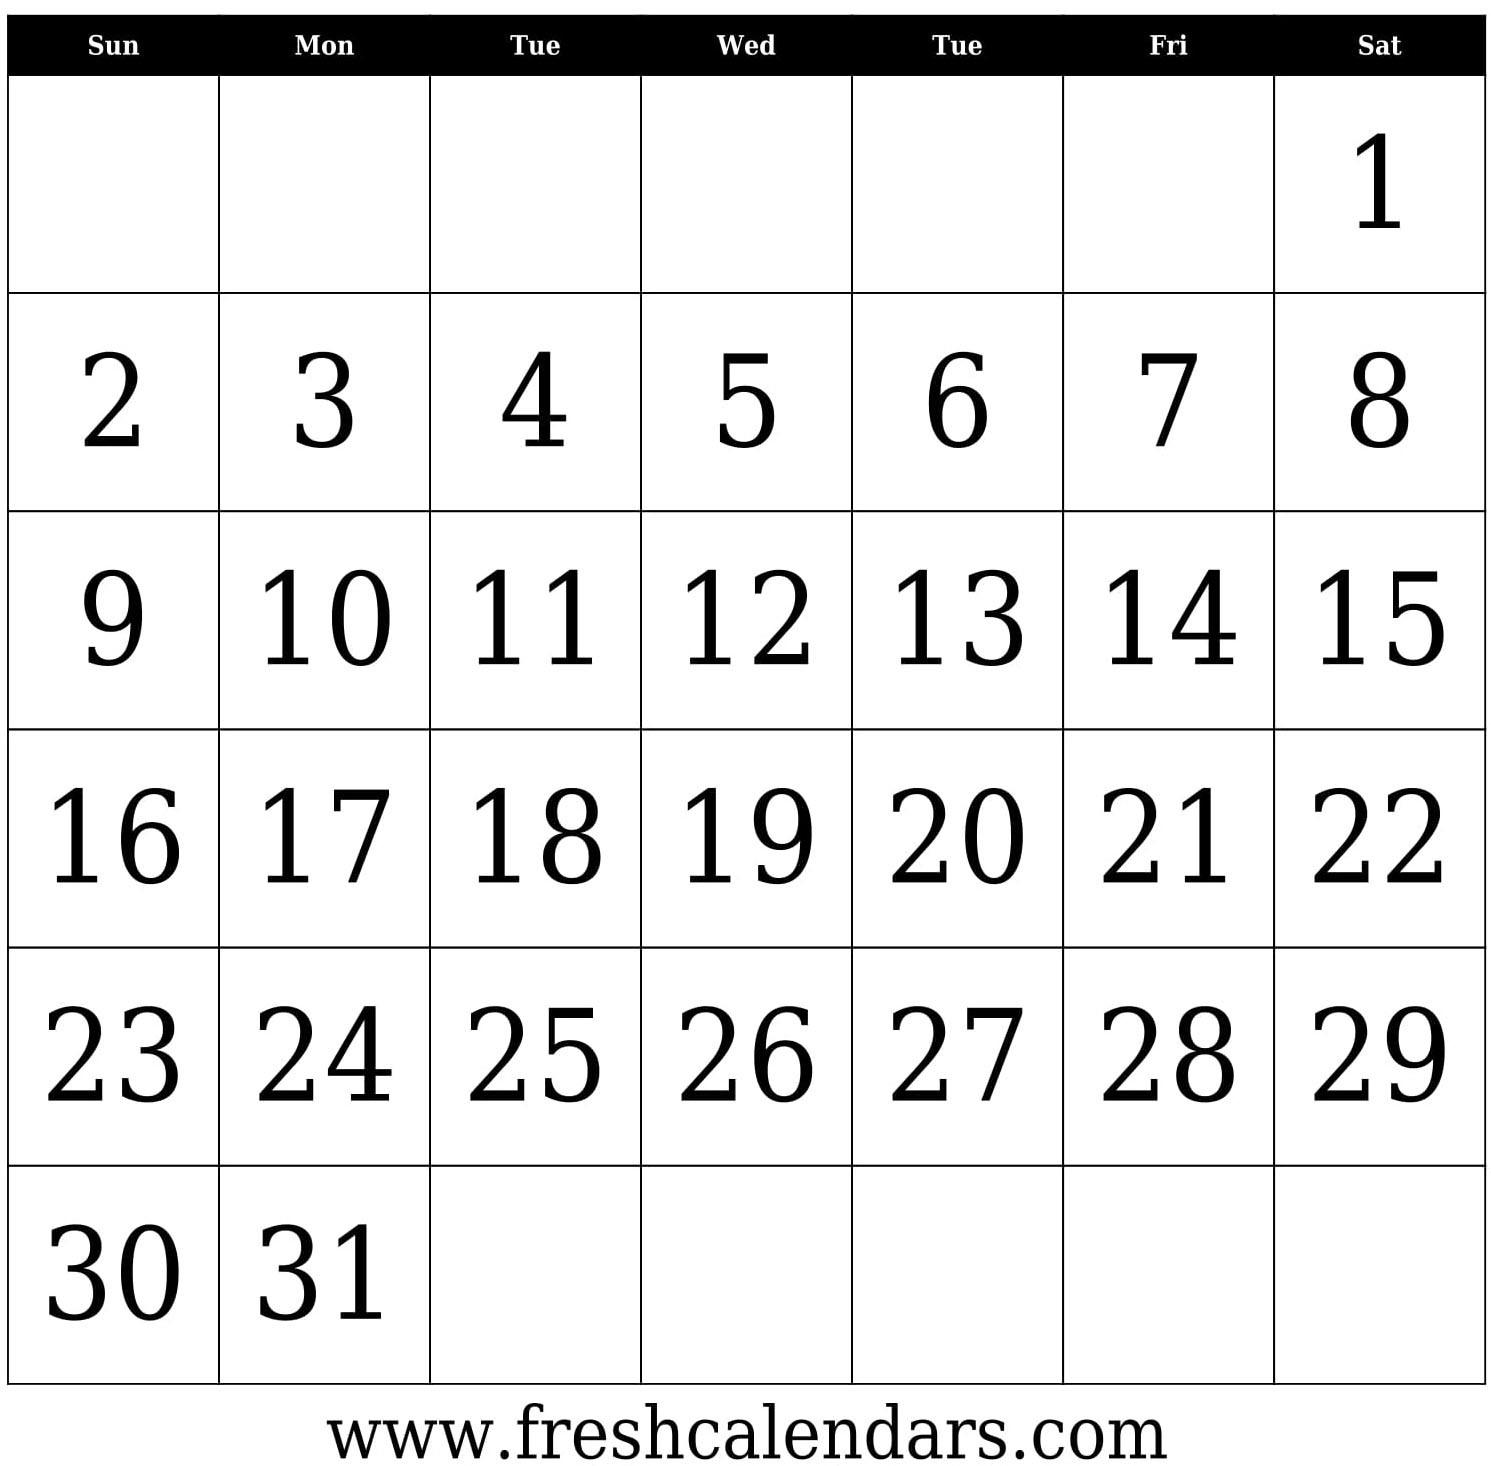 31 Day Calendar - Wpa.wpart.co